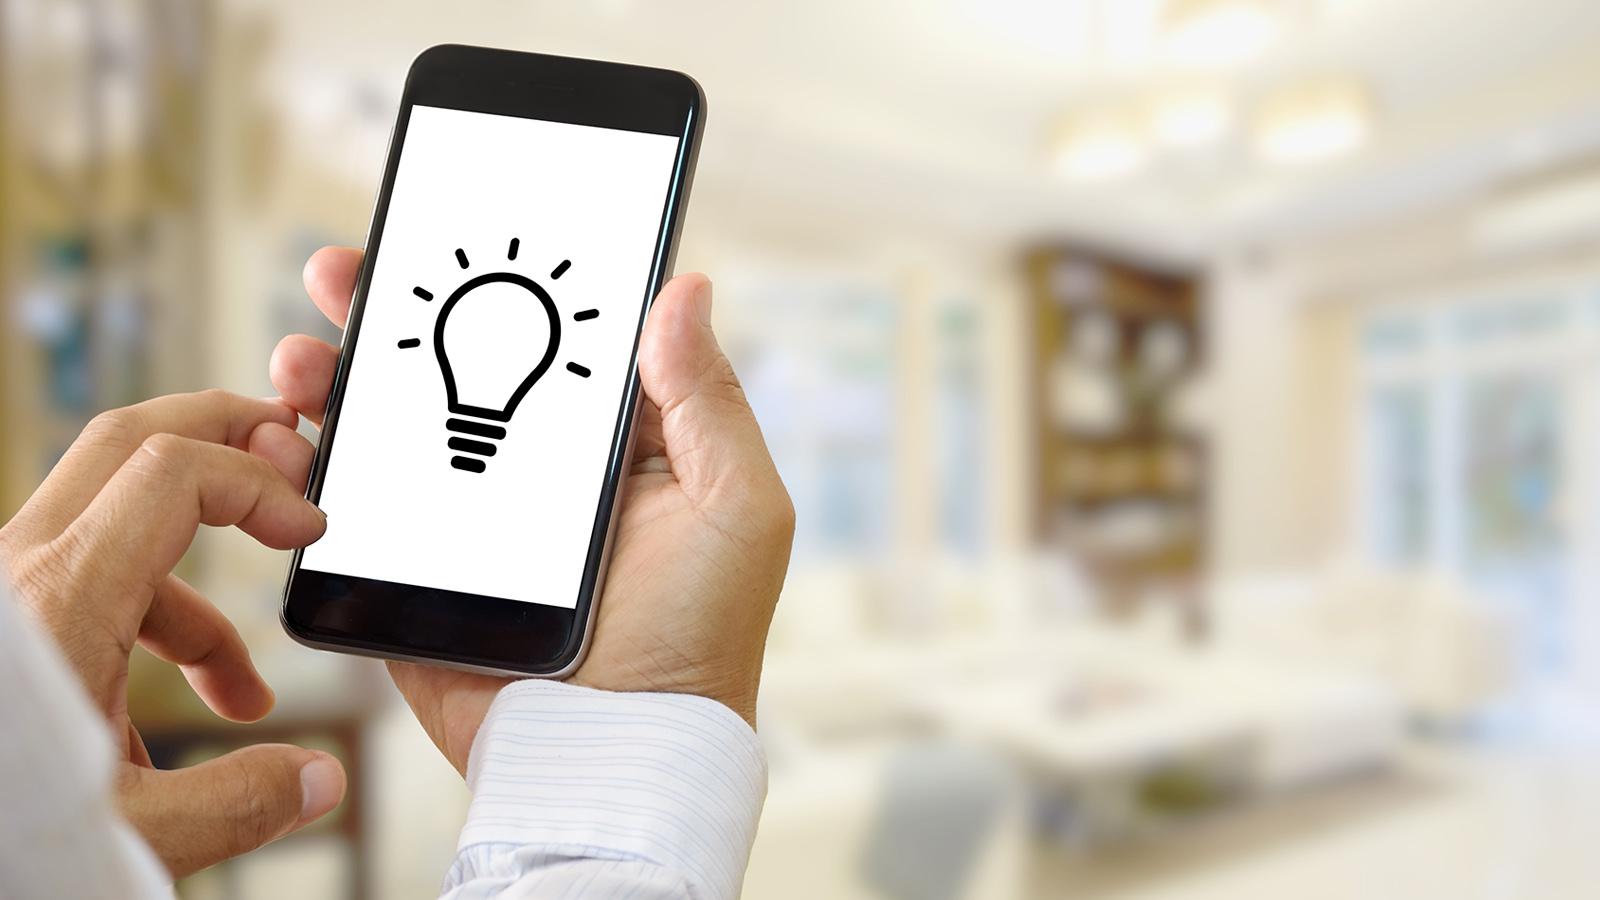 Come funzionano i sistemi di illuminazione intelligente